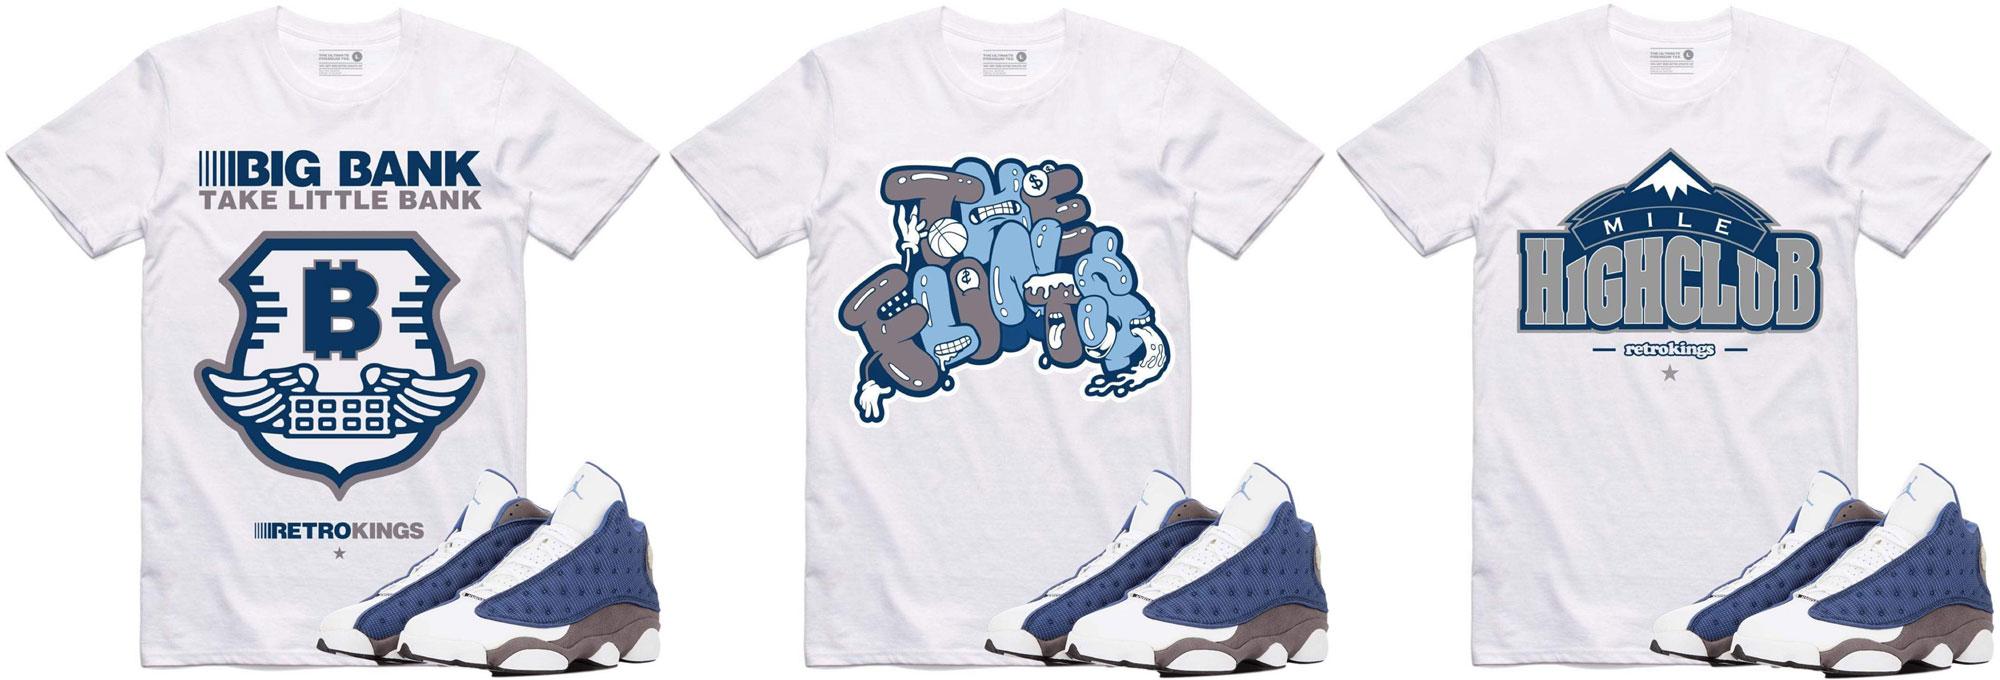 air-jordan-13-flint-sneaker-match-shirts